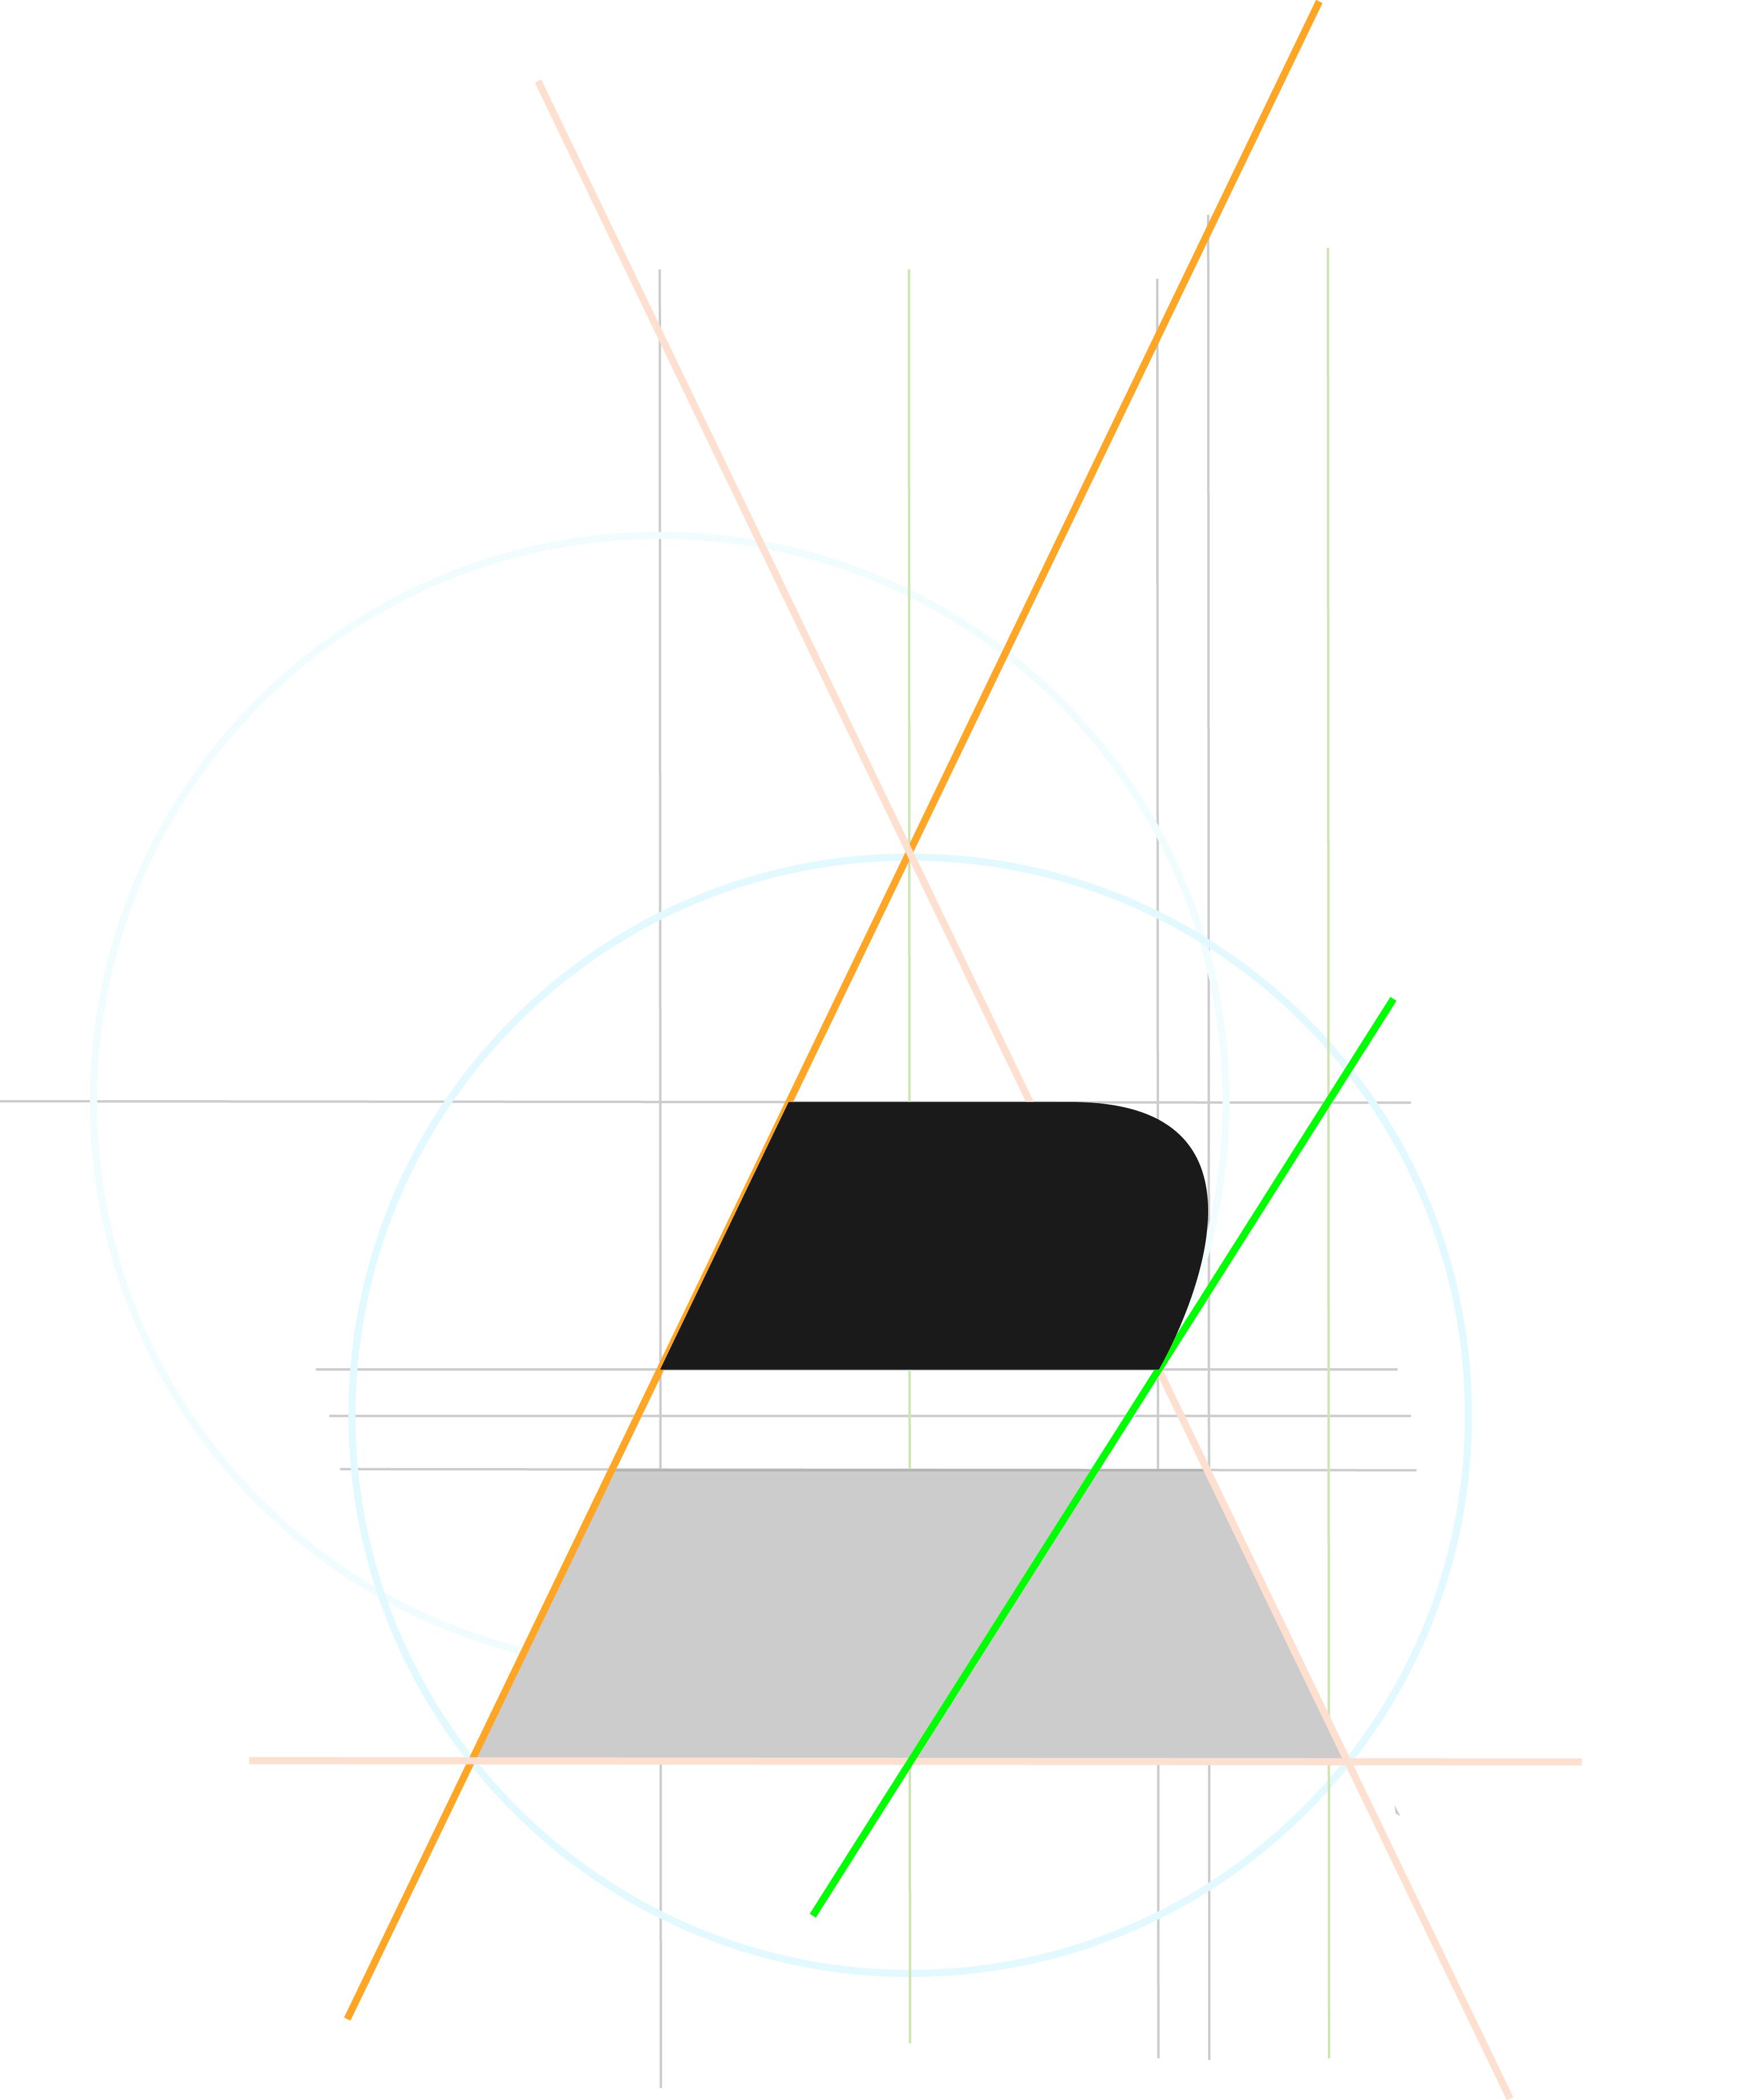 aregel_logo_ci_fertig_concept8